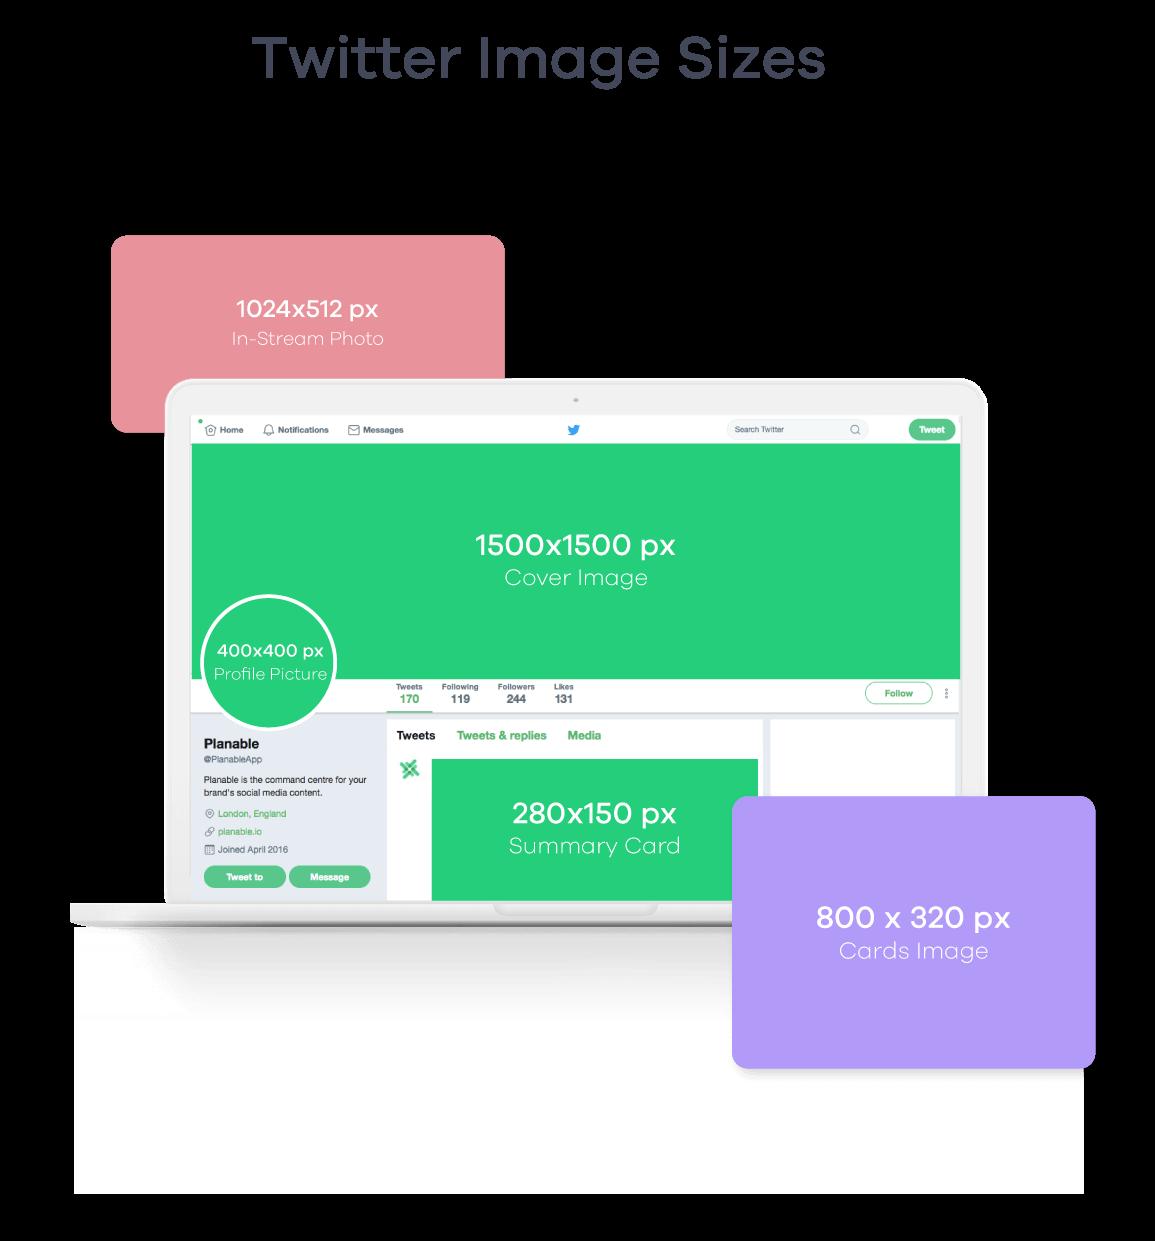 twitter image sizes 2019